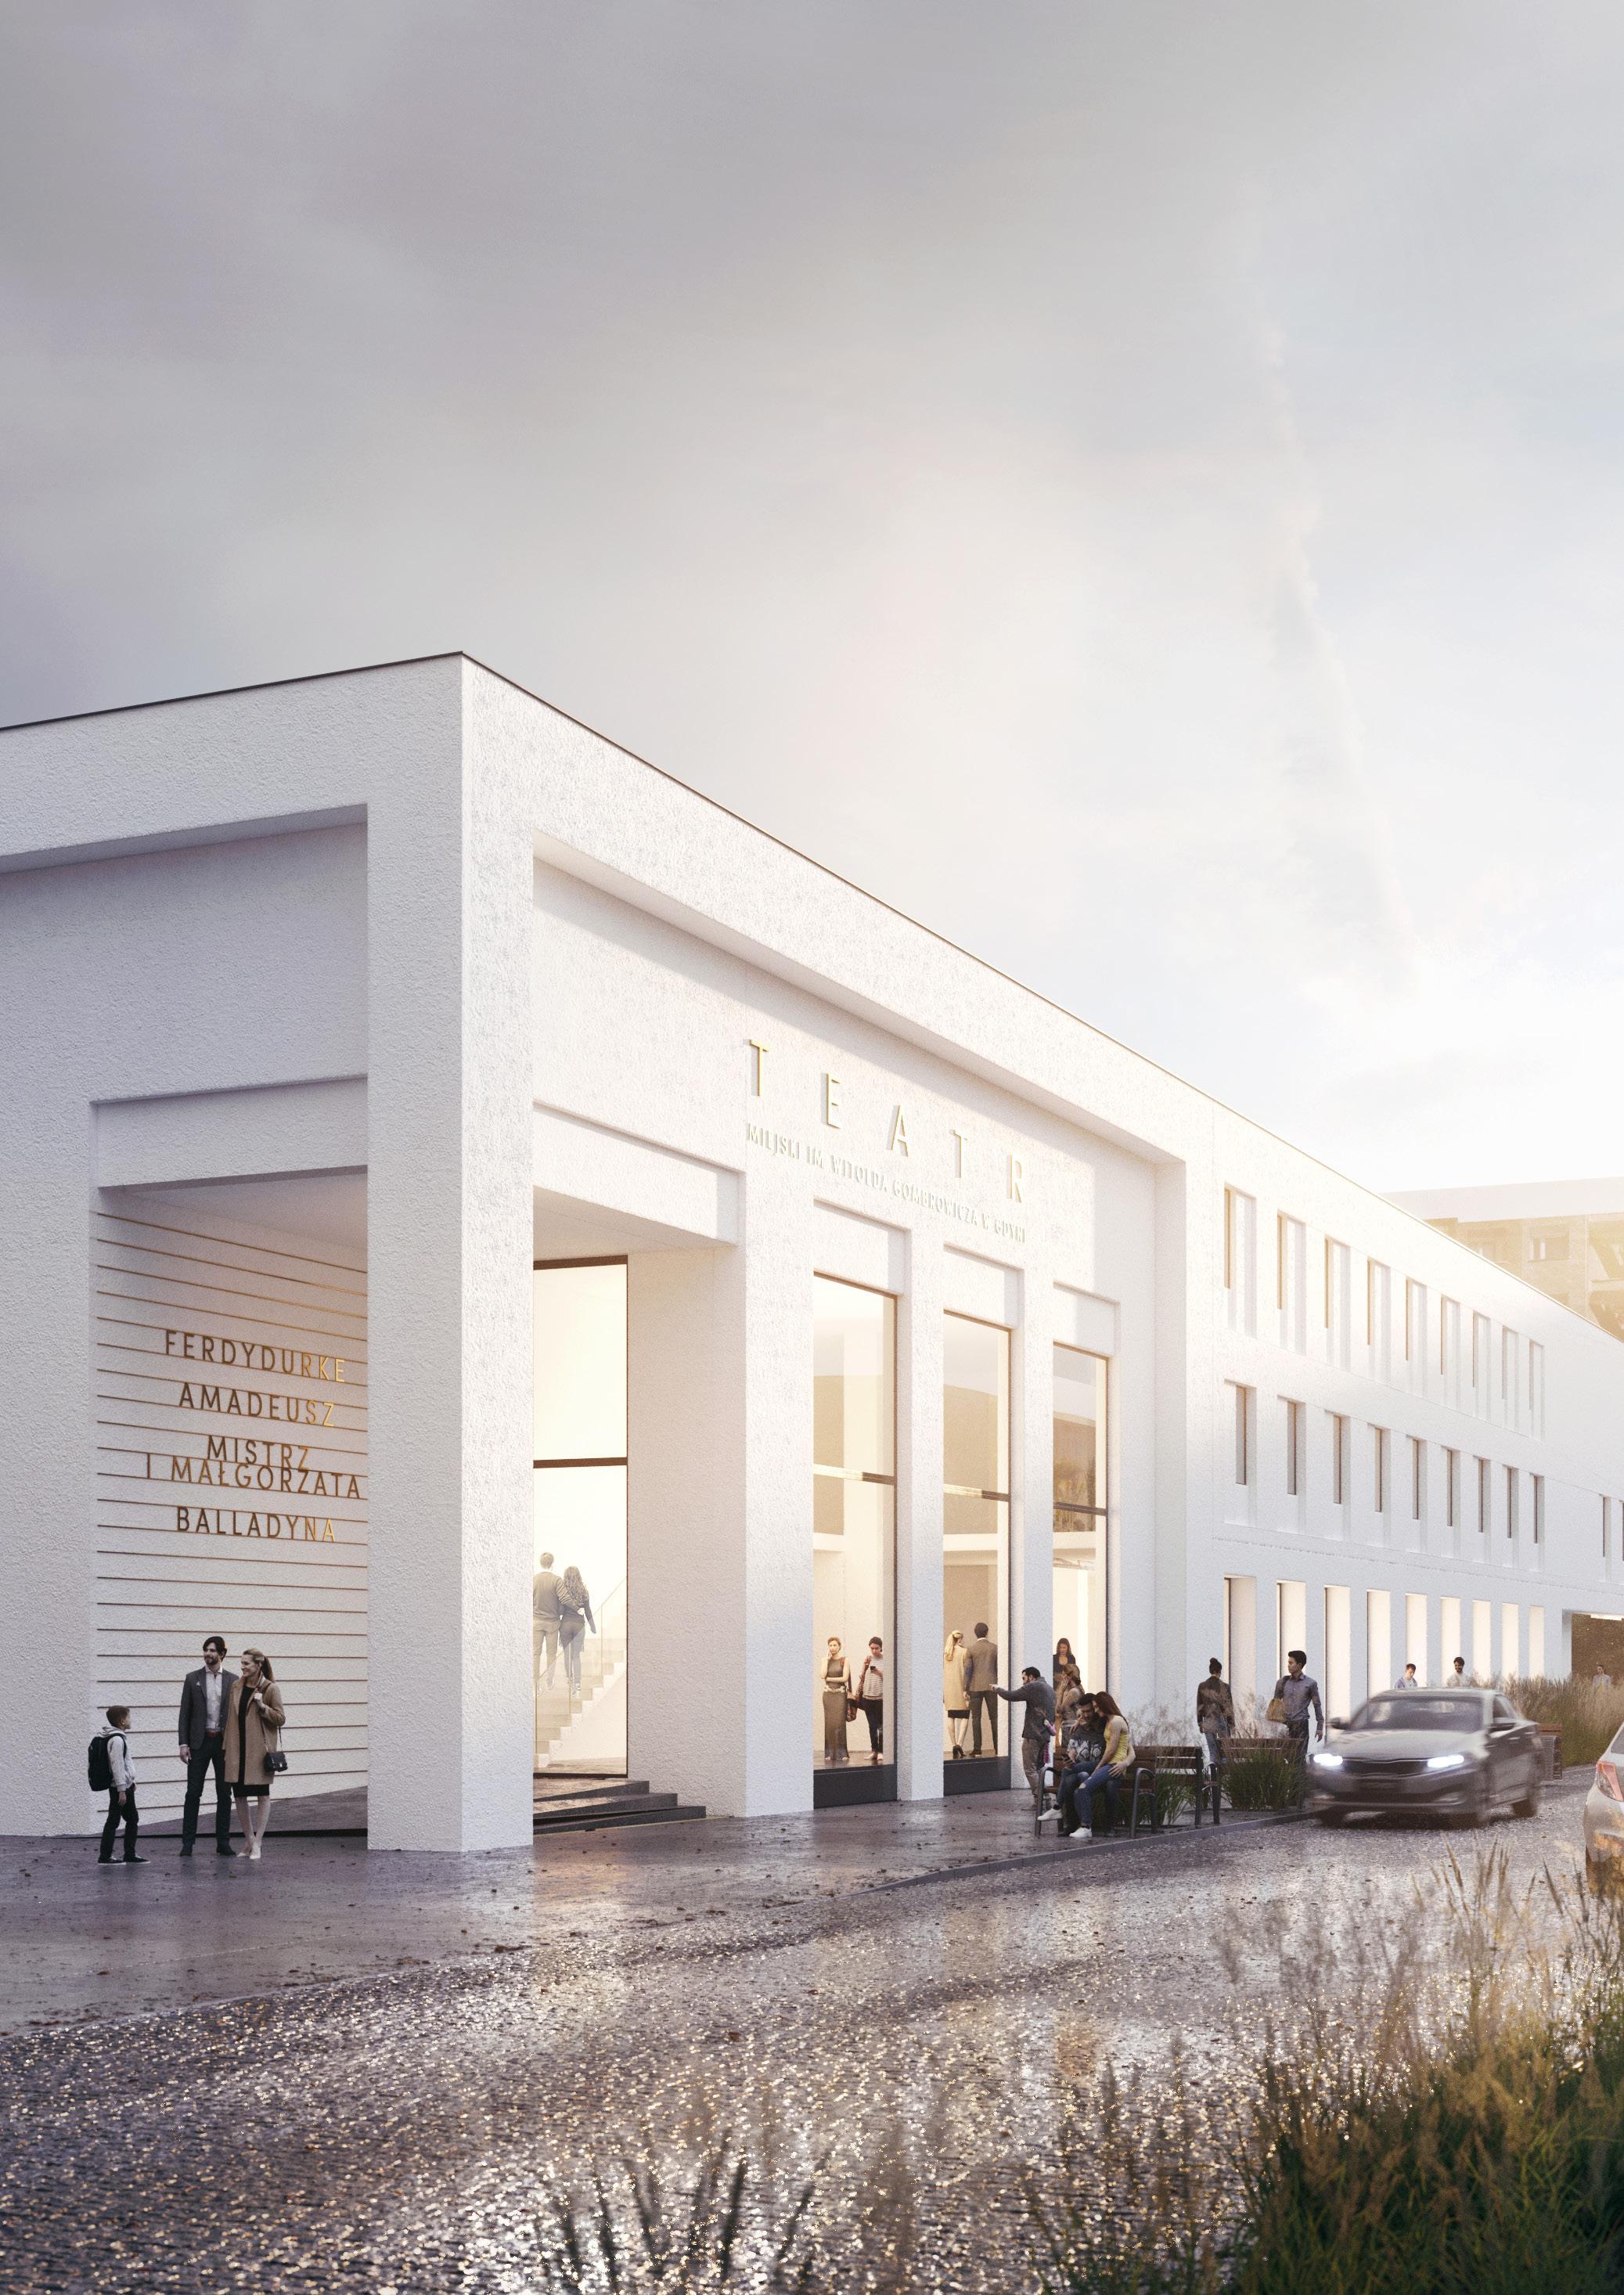 Wejście główne, prowadzące bezpośrednio do foyer, zostanie przesunięte w stronę Urzędu Miasta, fot. materiały prasowefot. materiały prasowe pracowni WXCA Sp. z o.o.